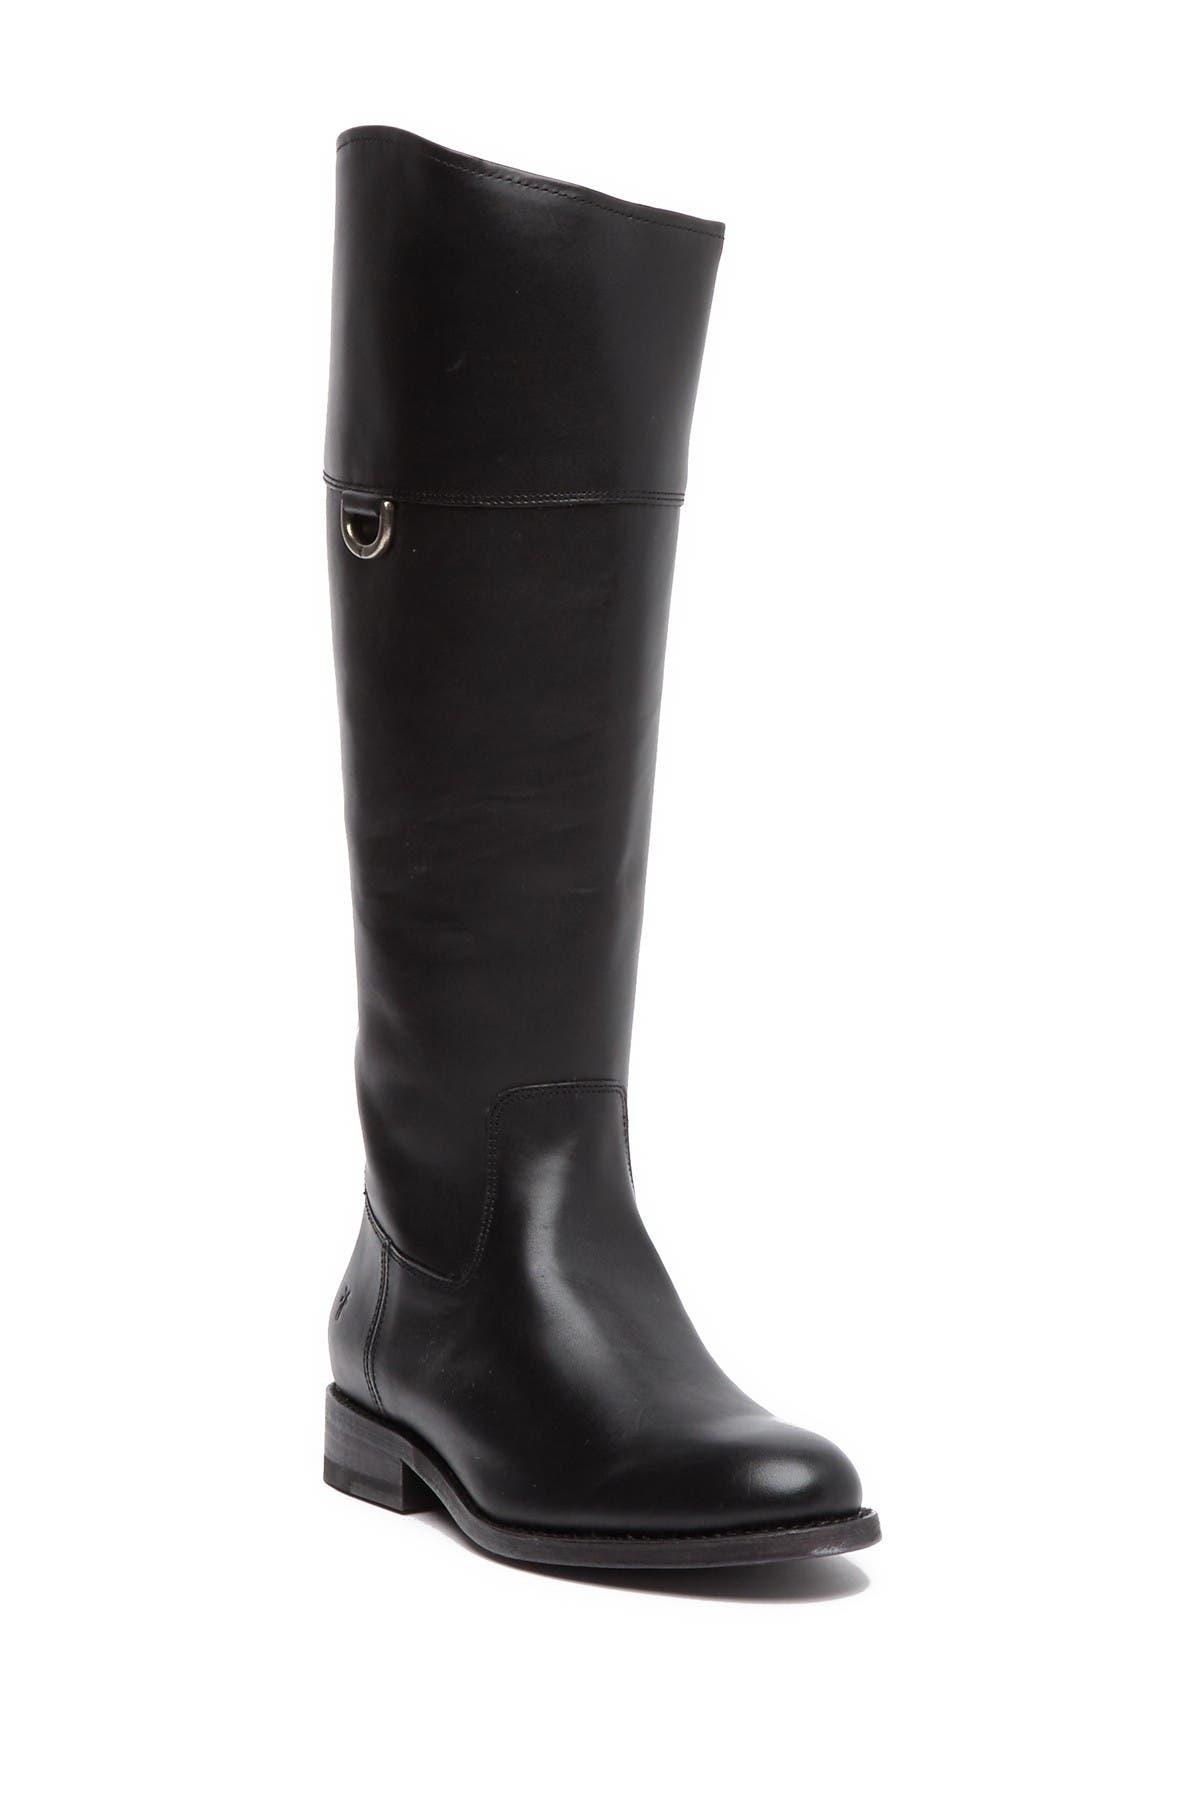 Frye   Jayden D Ring Boot - Wide Calf